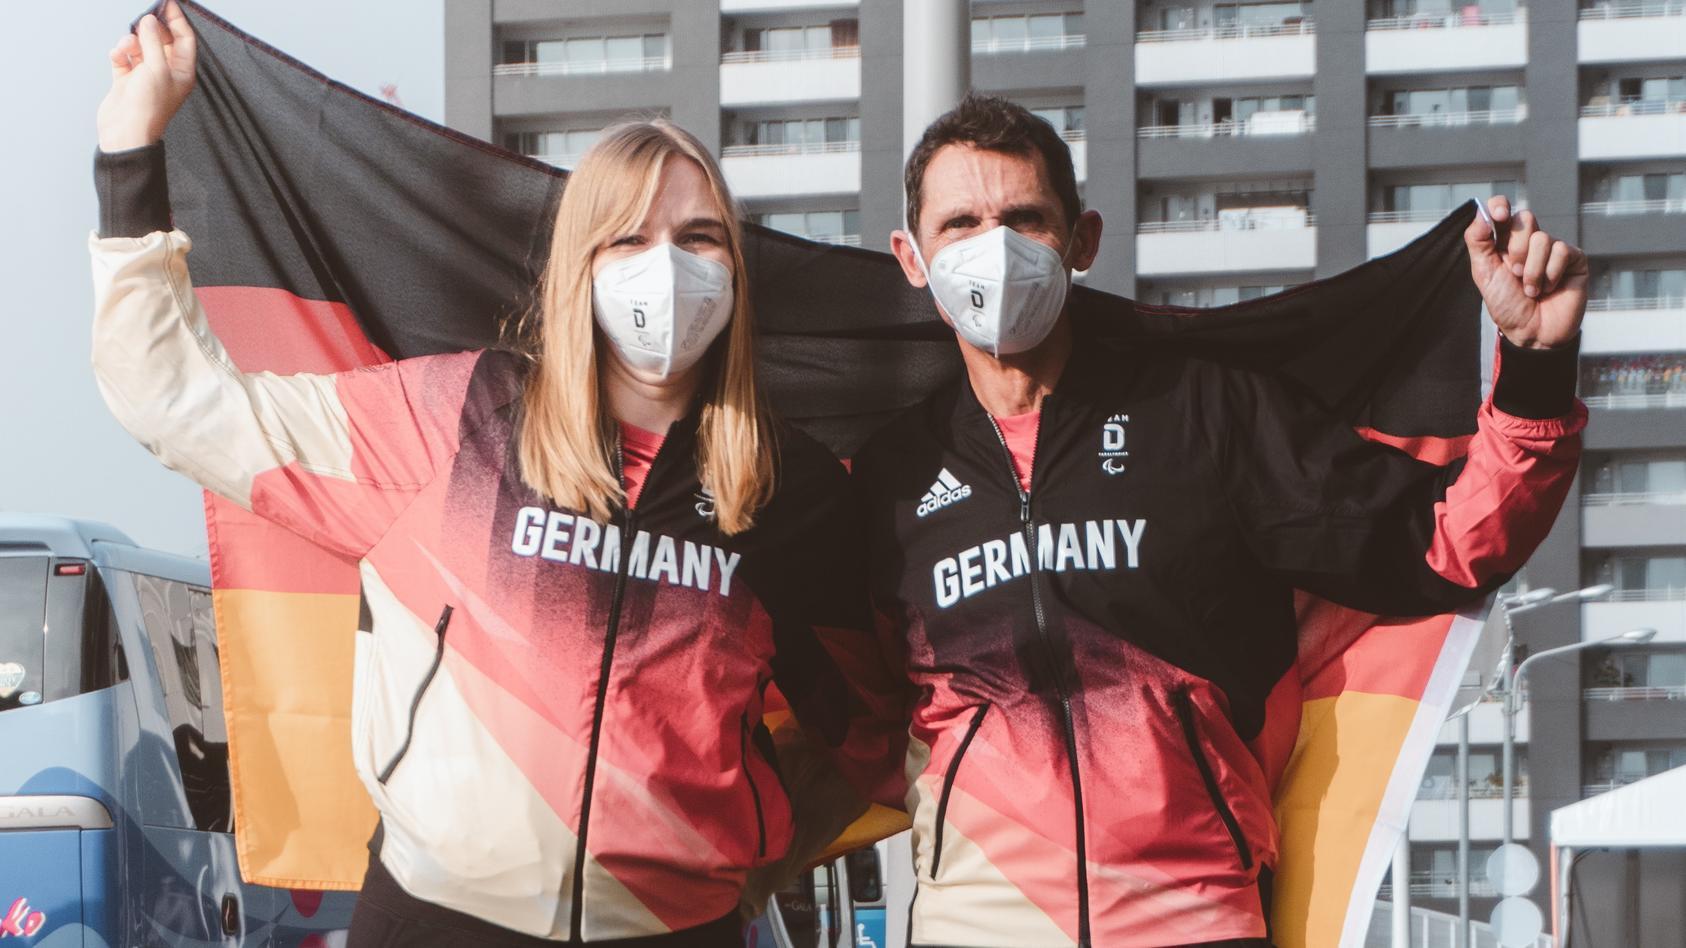 Mareike Miller und Michael Teuber sind die deutschen Fahnenträger bei den Paralympics 2021 in Tokio